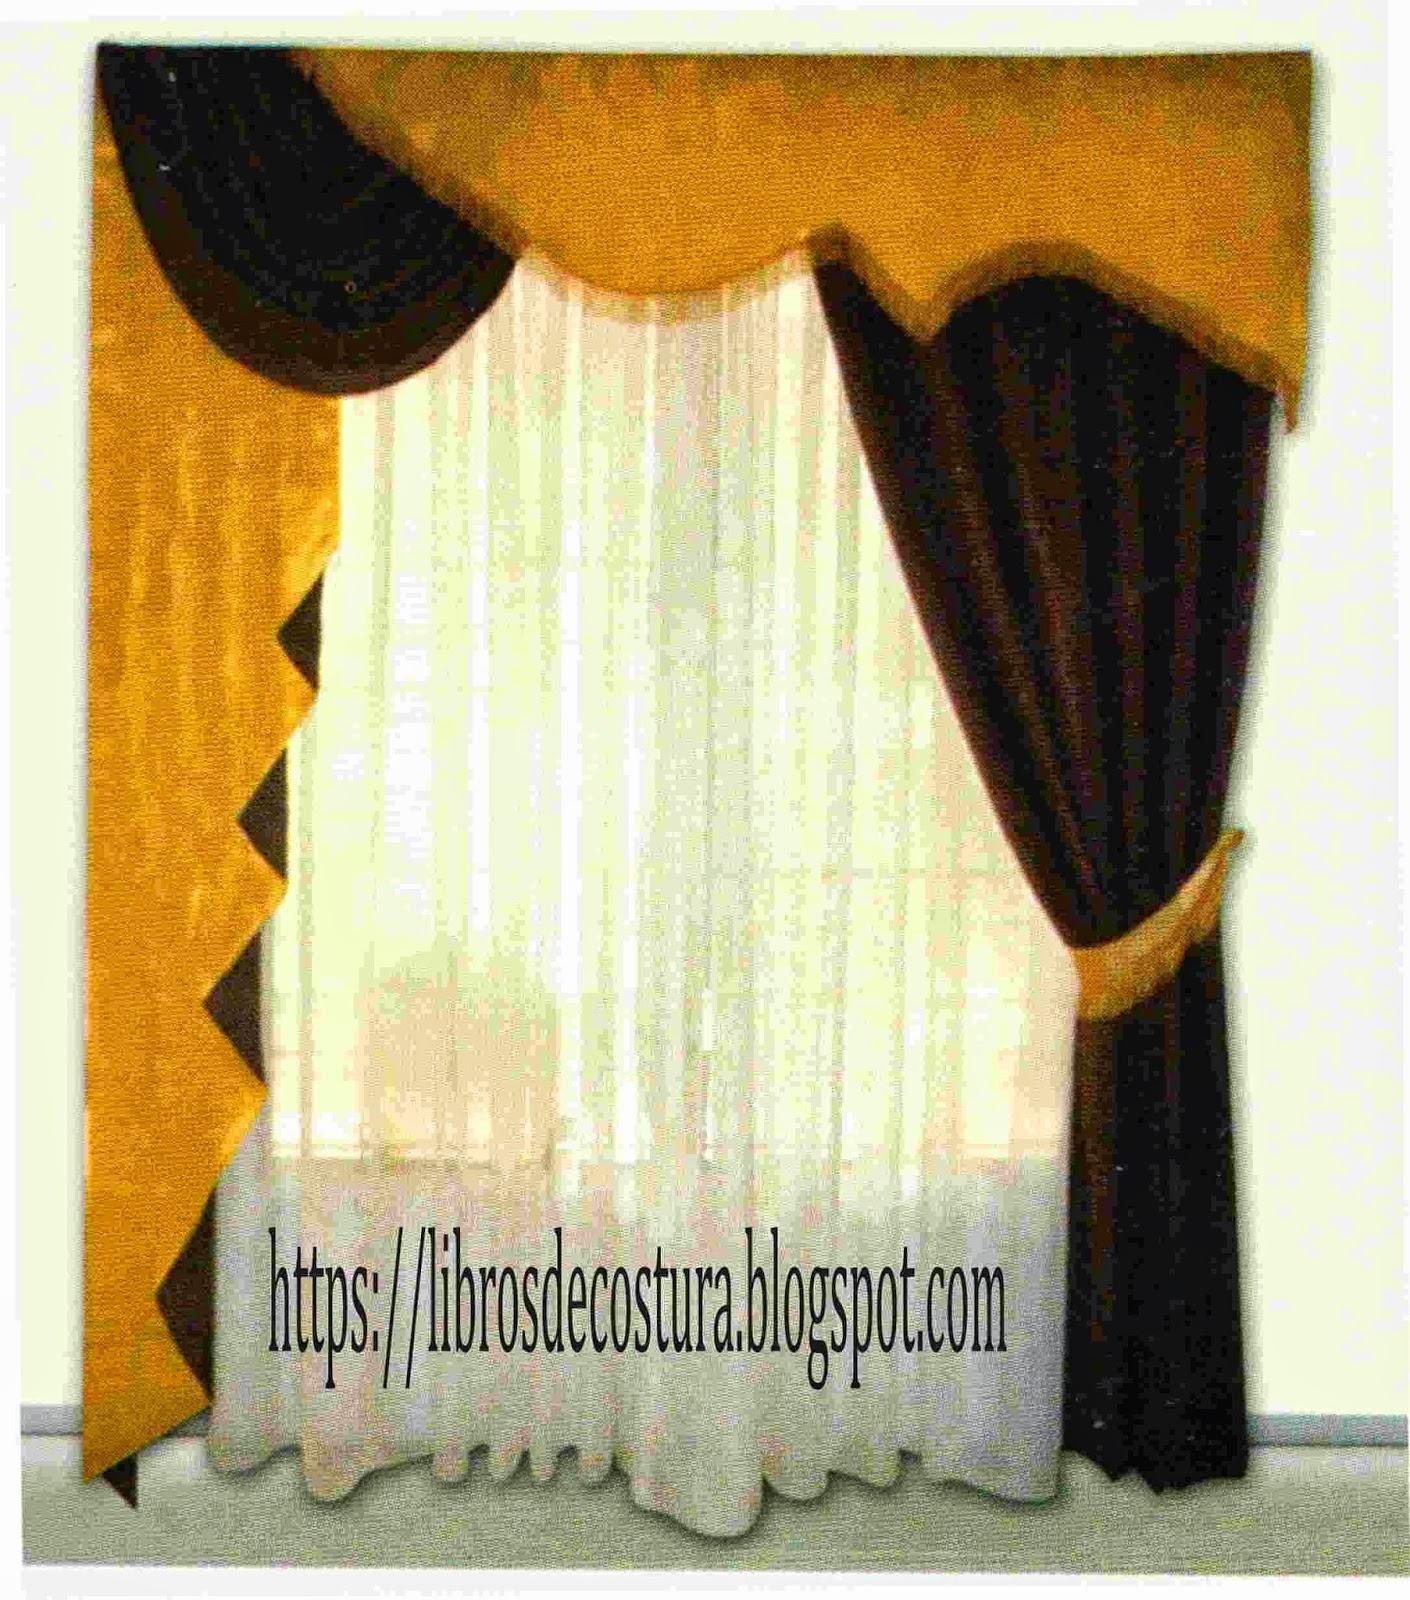 Libros de costura como hacer cortinas paso a paso - Lo ultimo en cortinas ...